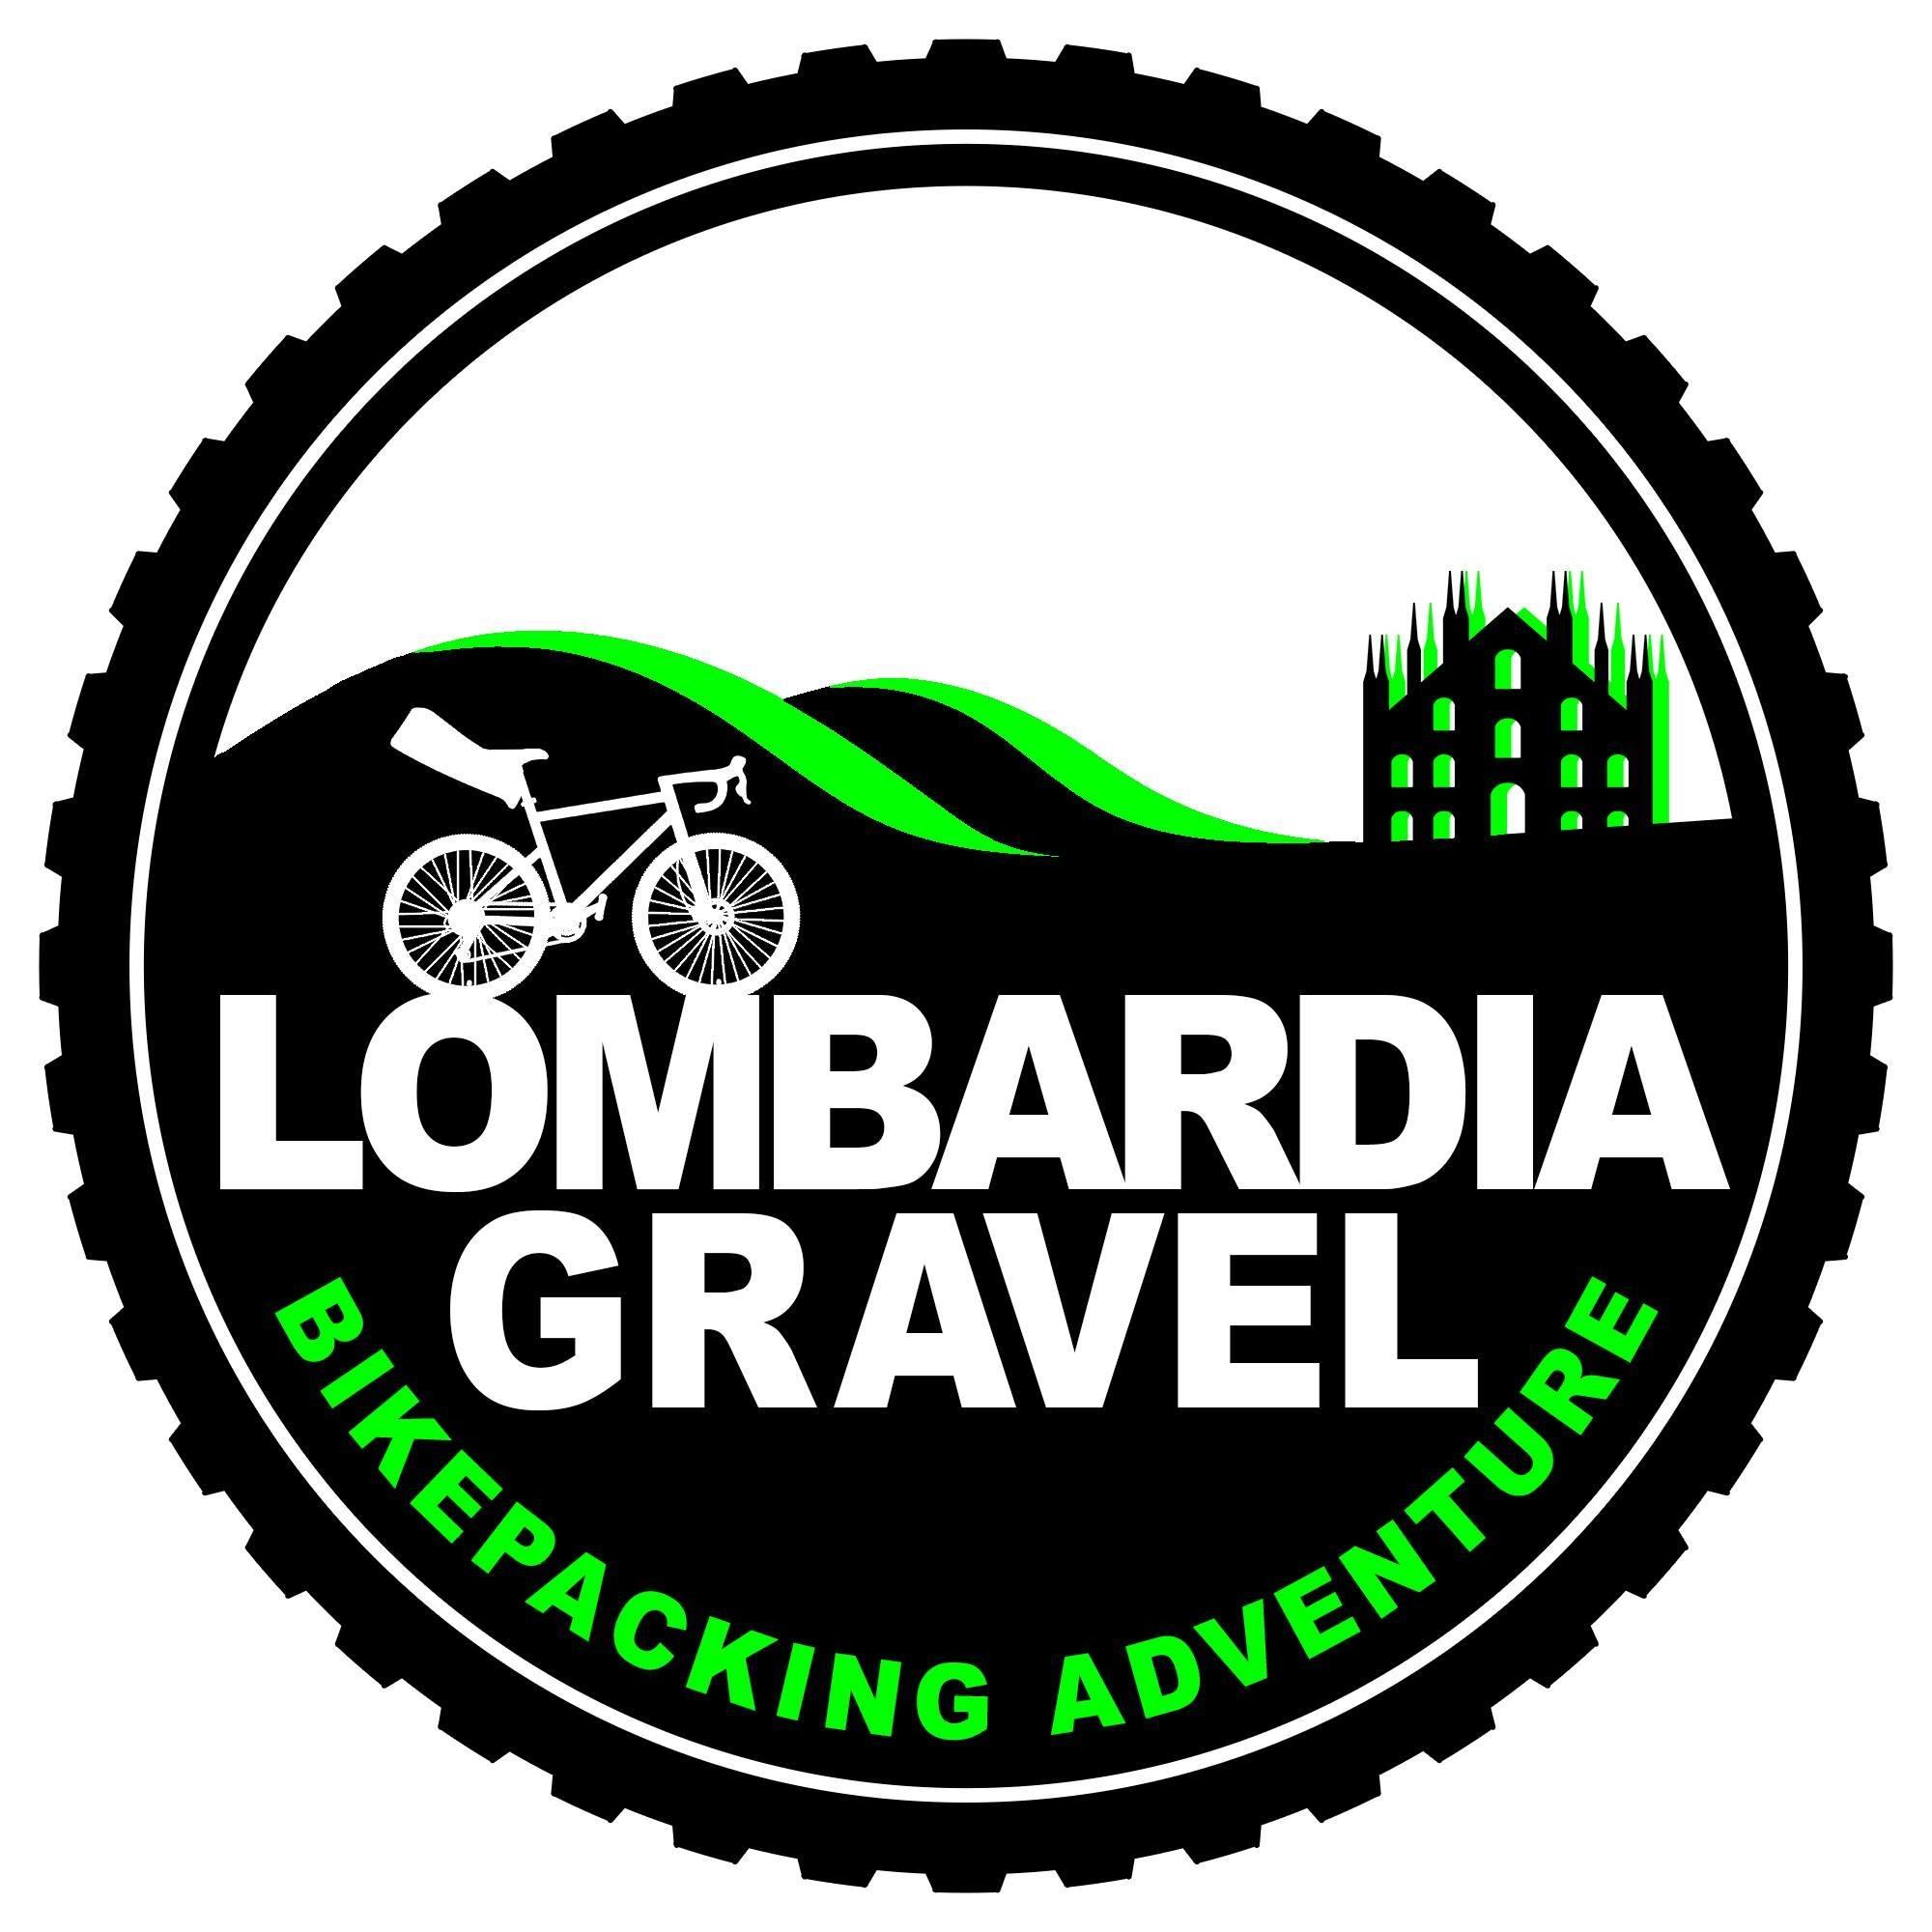 LOMBARDIA GRAVEL